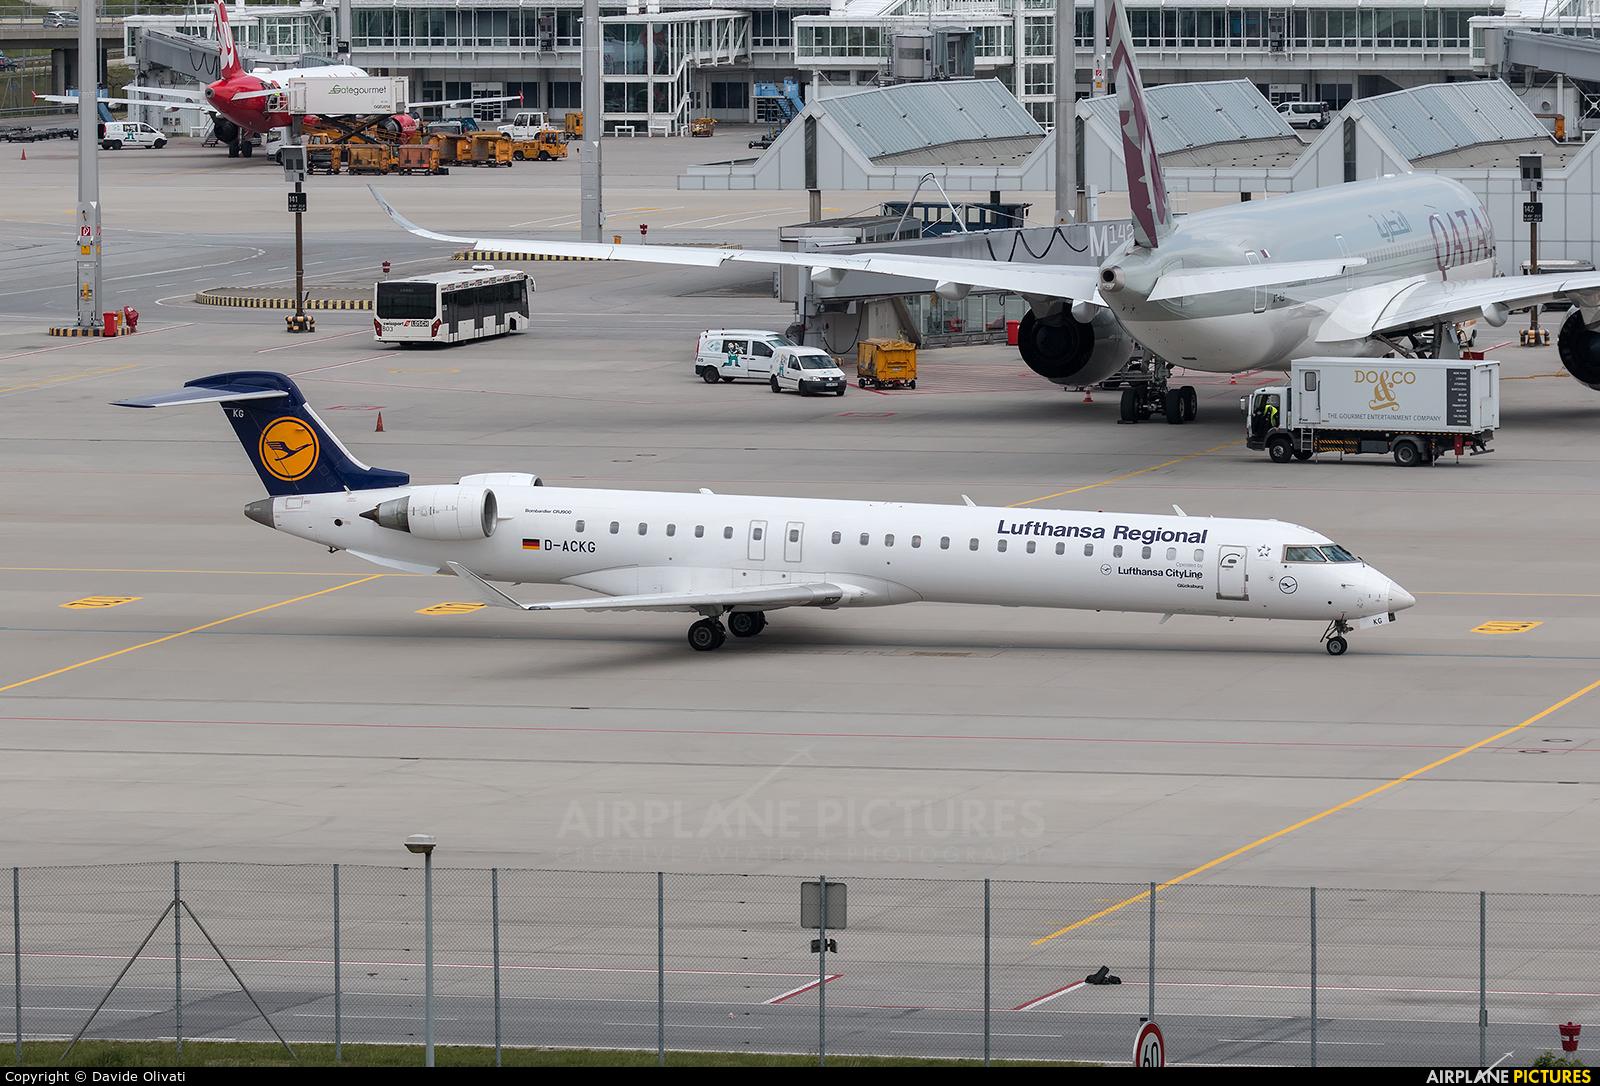 Lufthansa Regional - CityLine D-ACKG aircraft at Munich